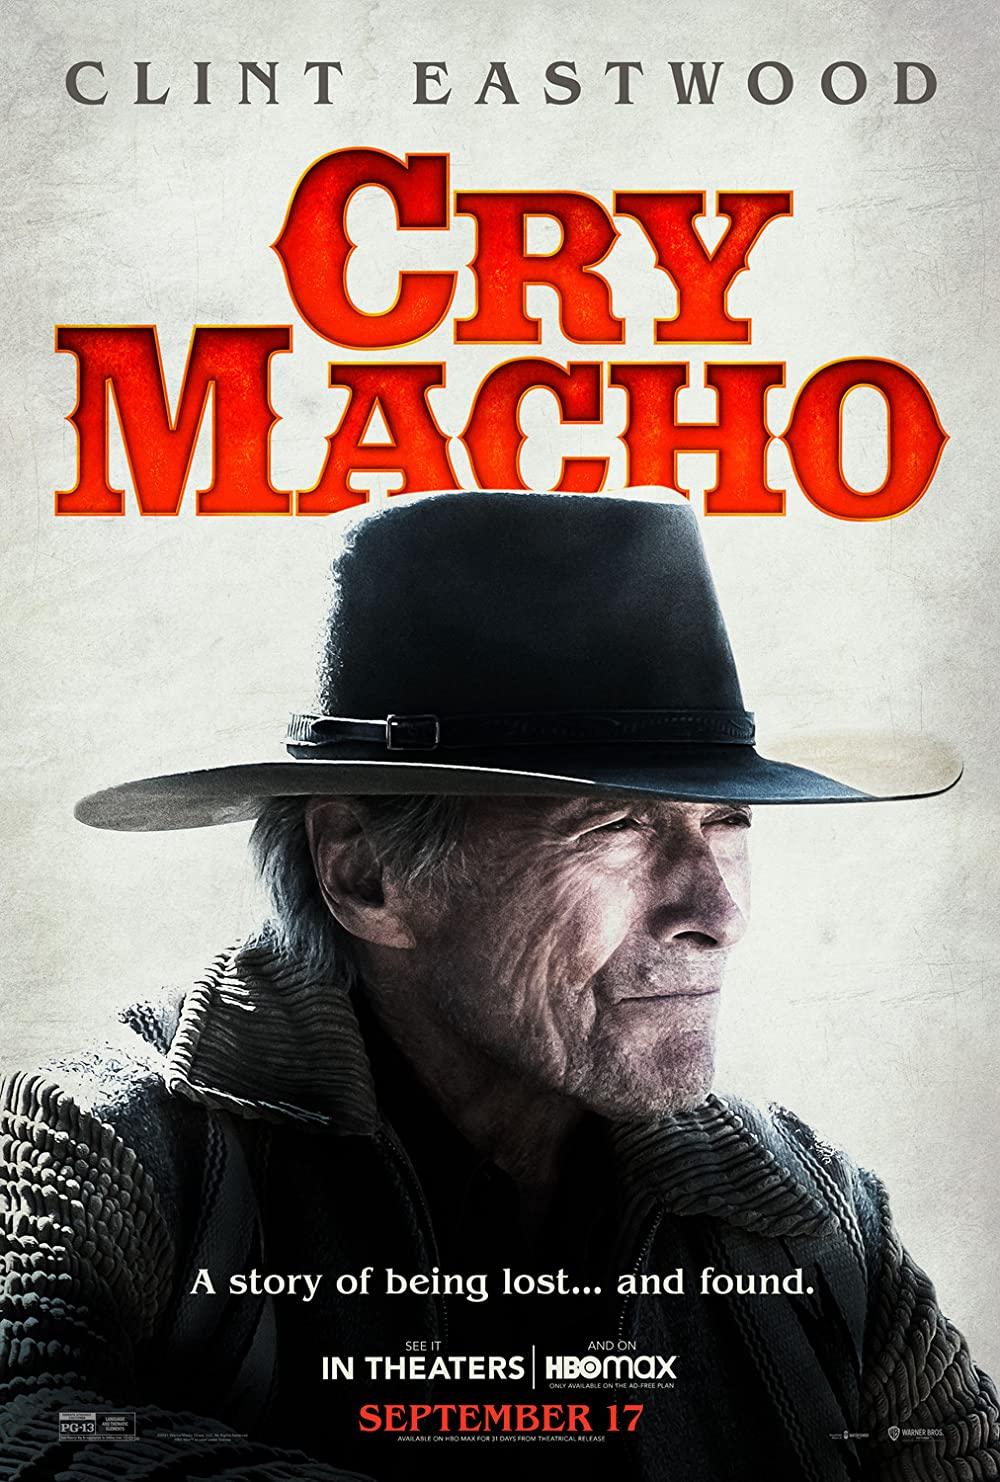 دانلود فیلم گریه کن ماچو Cry Macho 2021